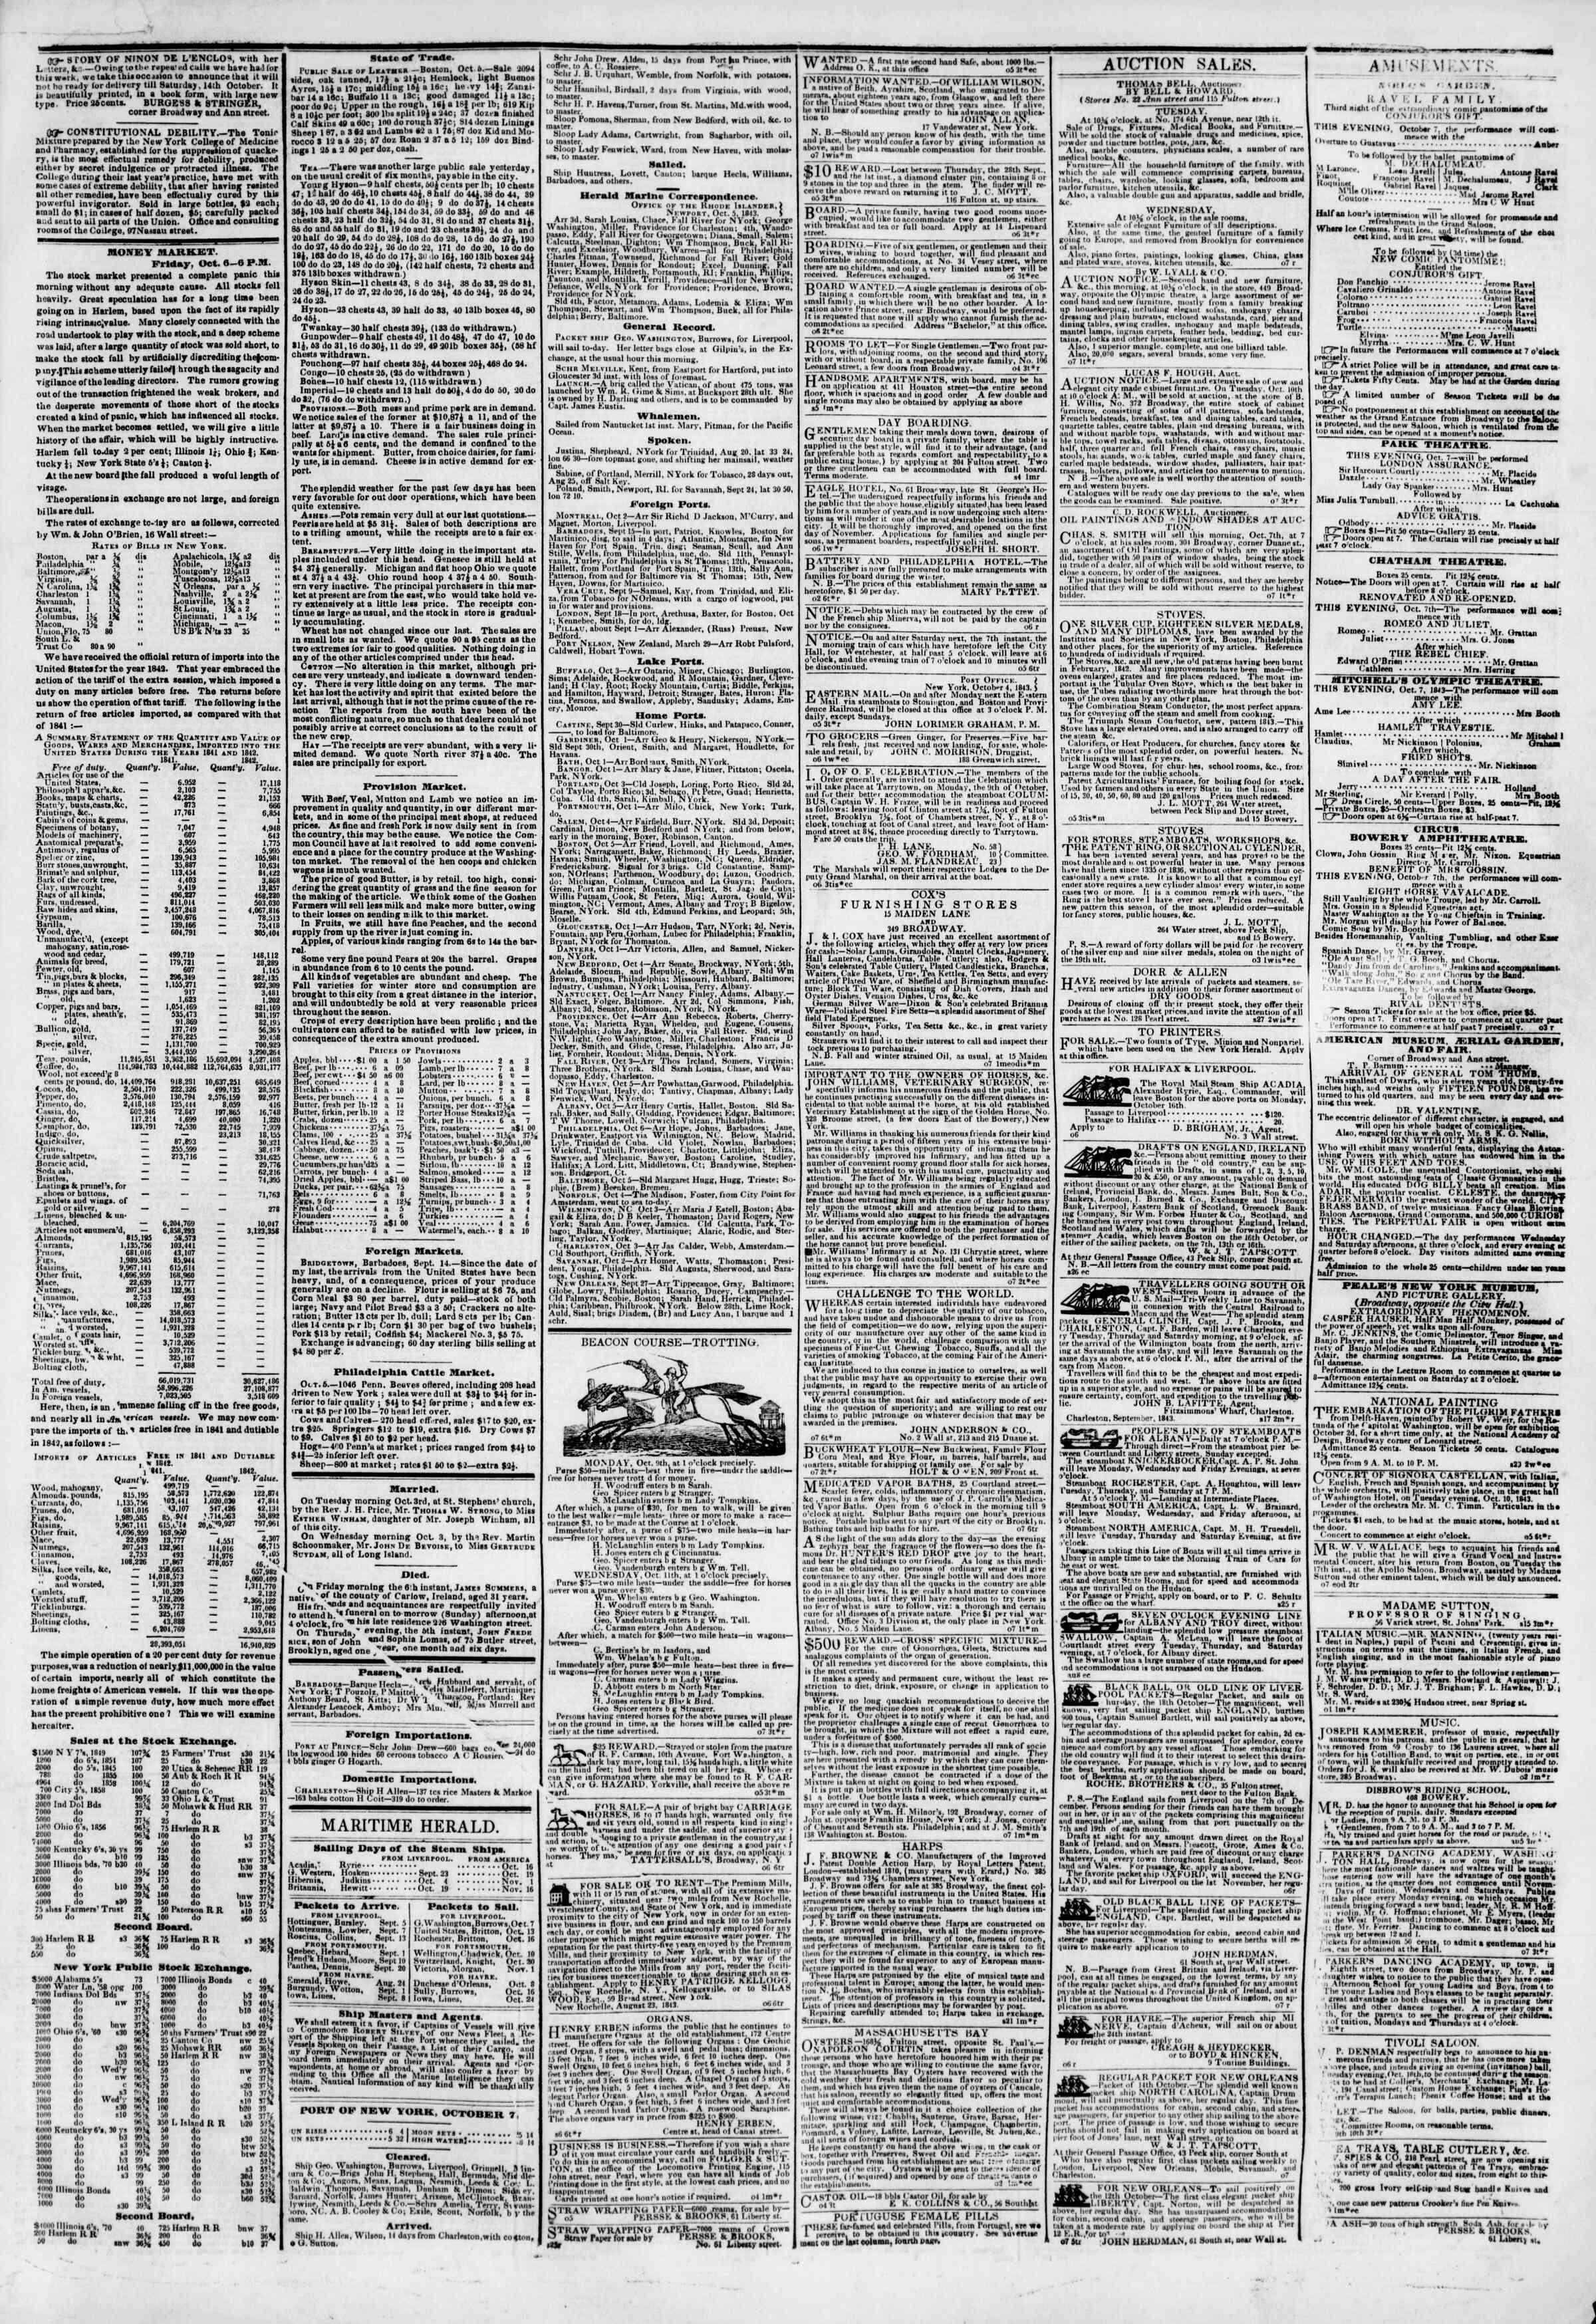 October 7, 1843 Tarihli The New York Herald Gazetesi Sayfa 6